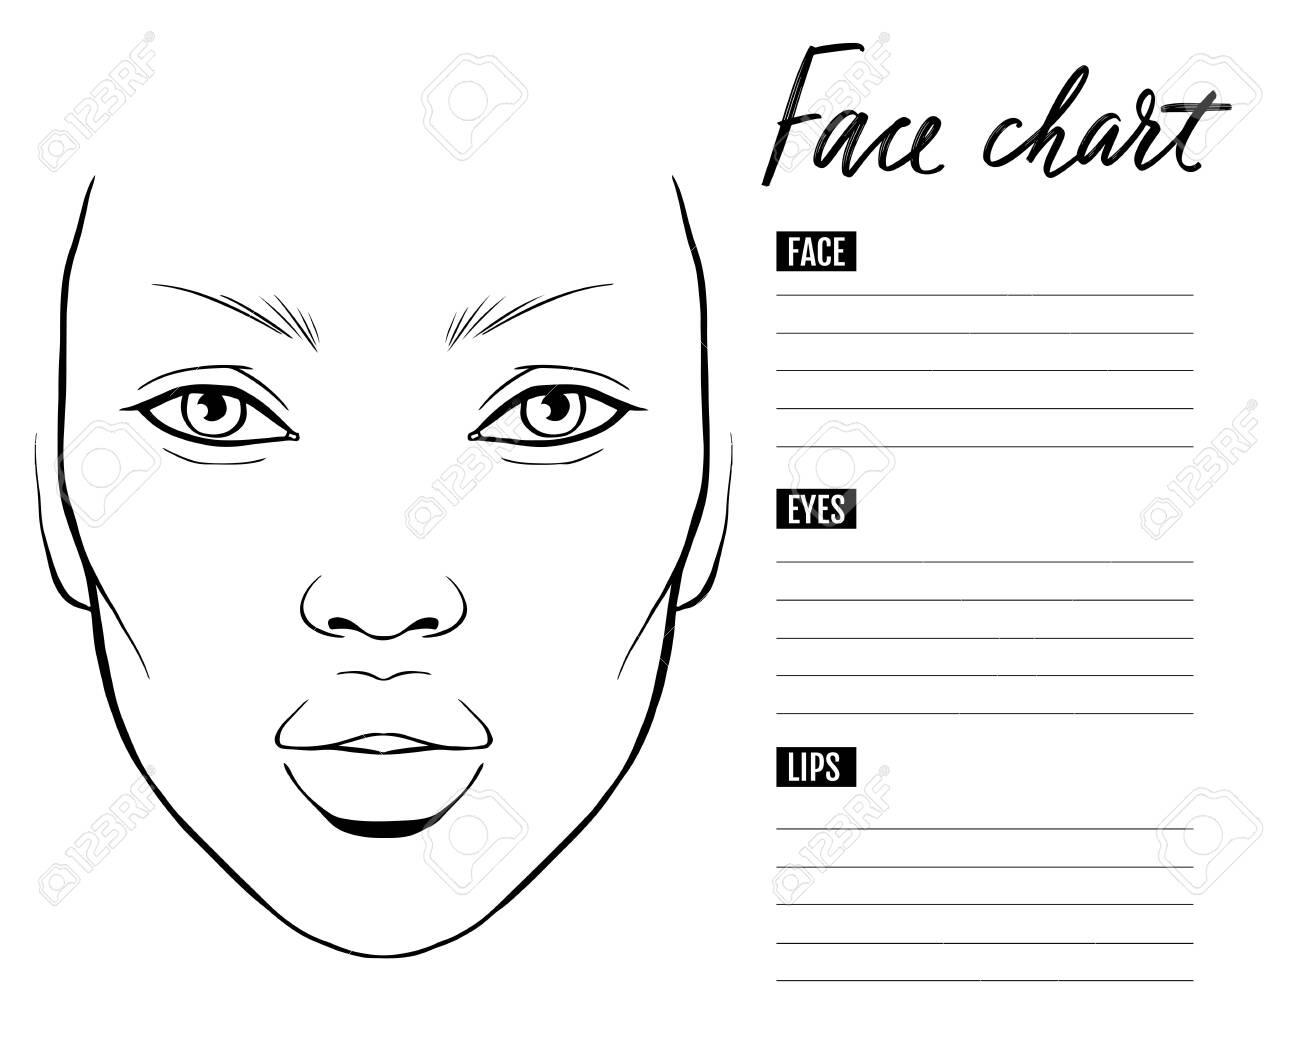 Face chart Blank. Makeup Artist Vector template. - 144723753